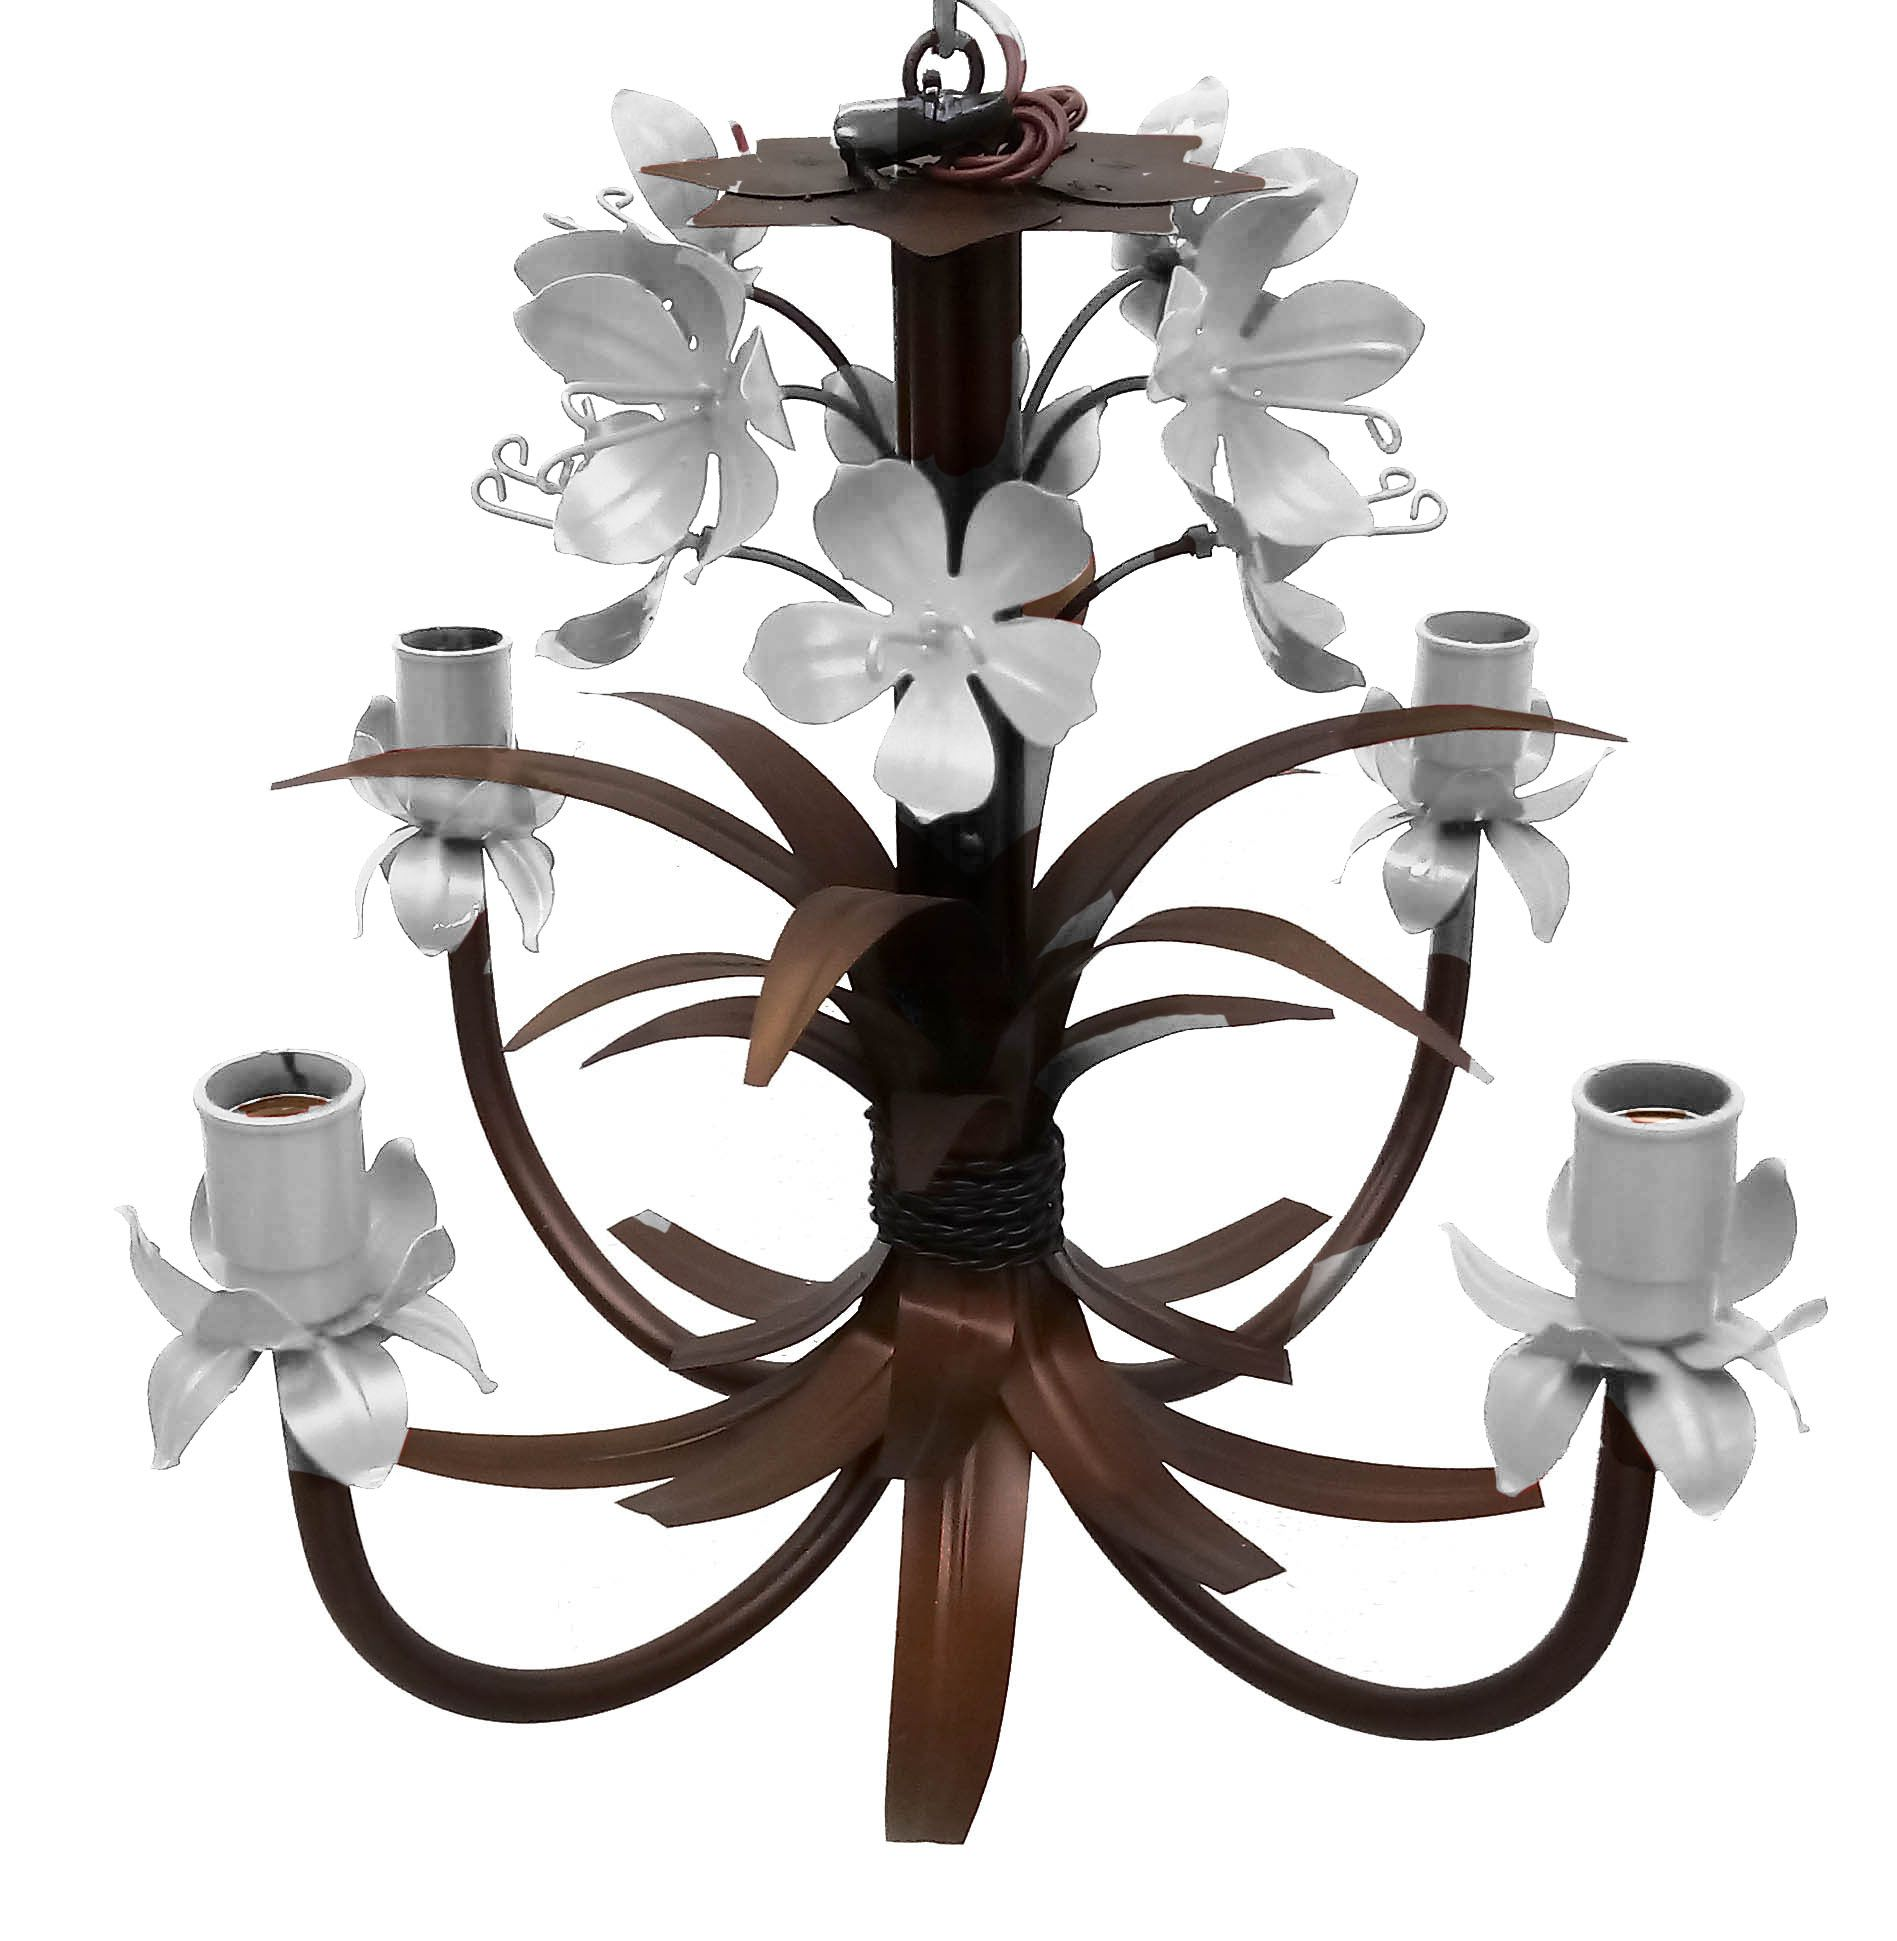 Luminaria Artesanal Rustica com Flores e Folhas para Quarto Moderno